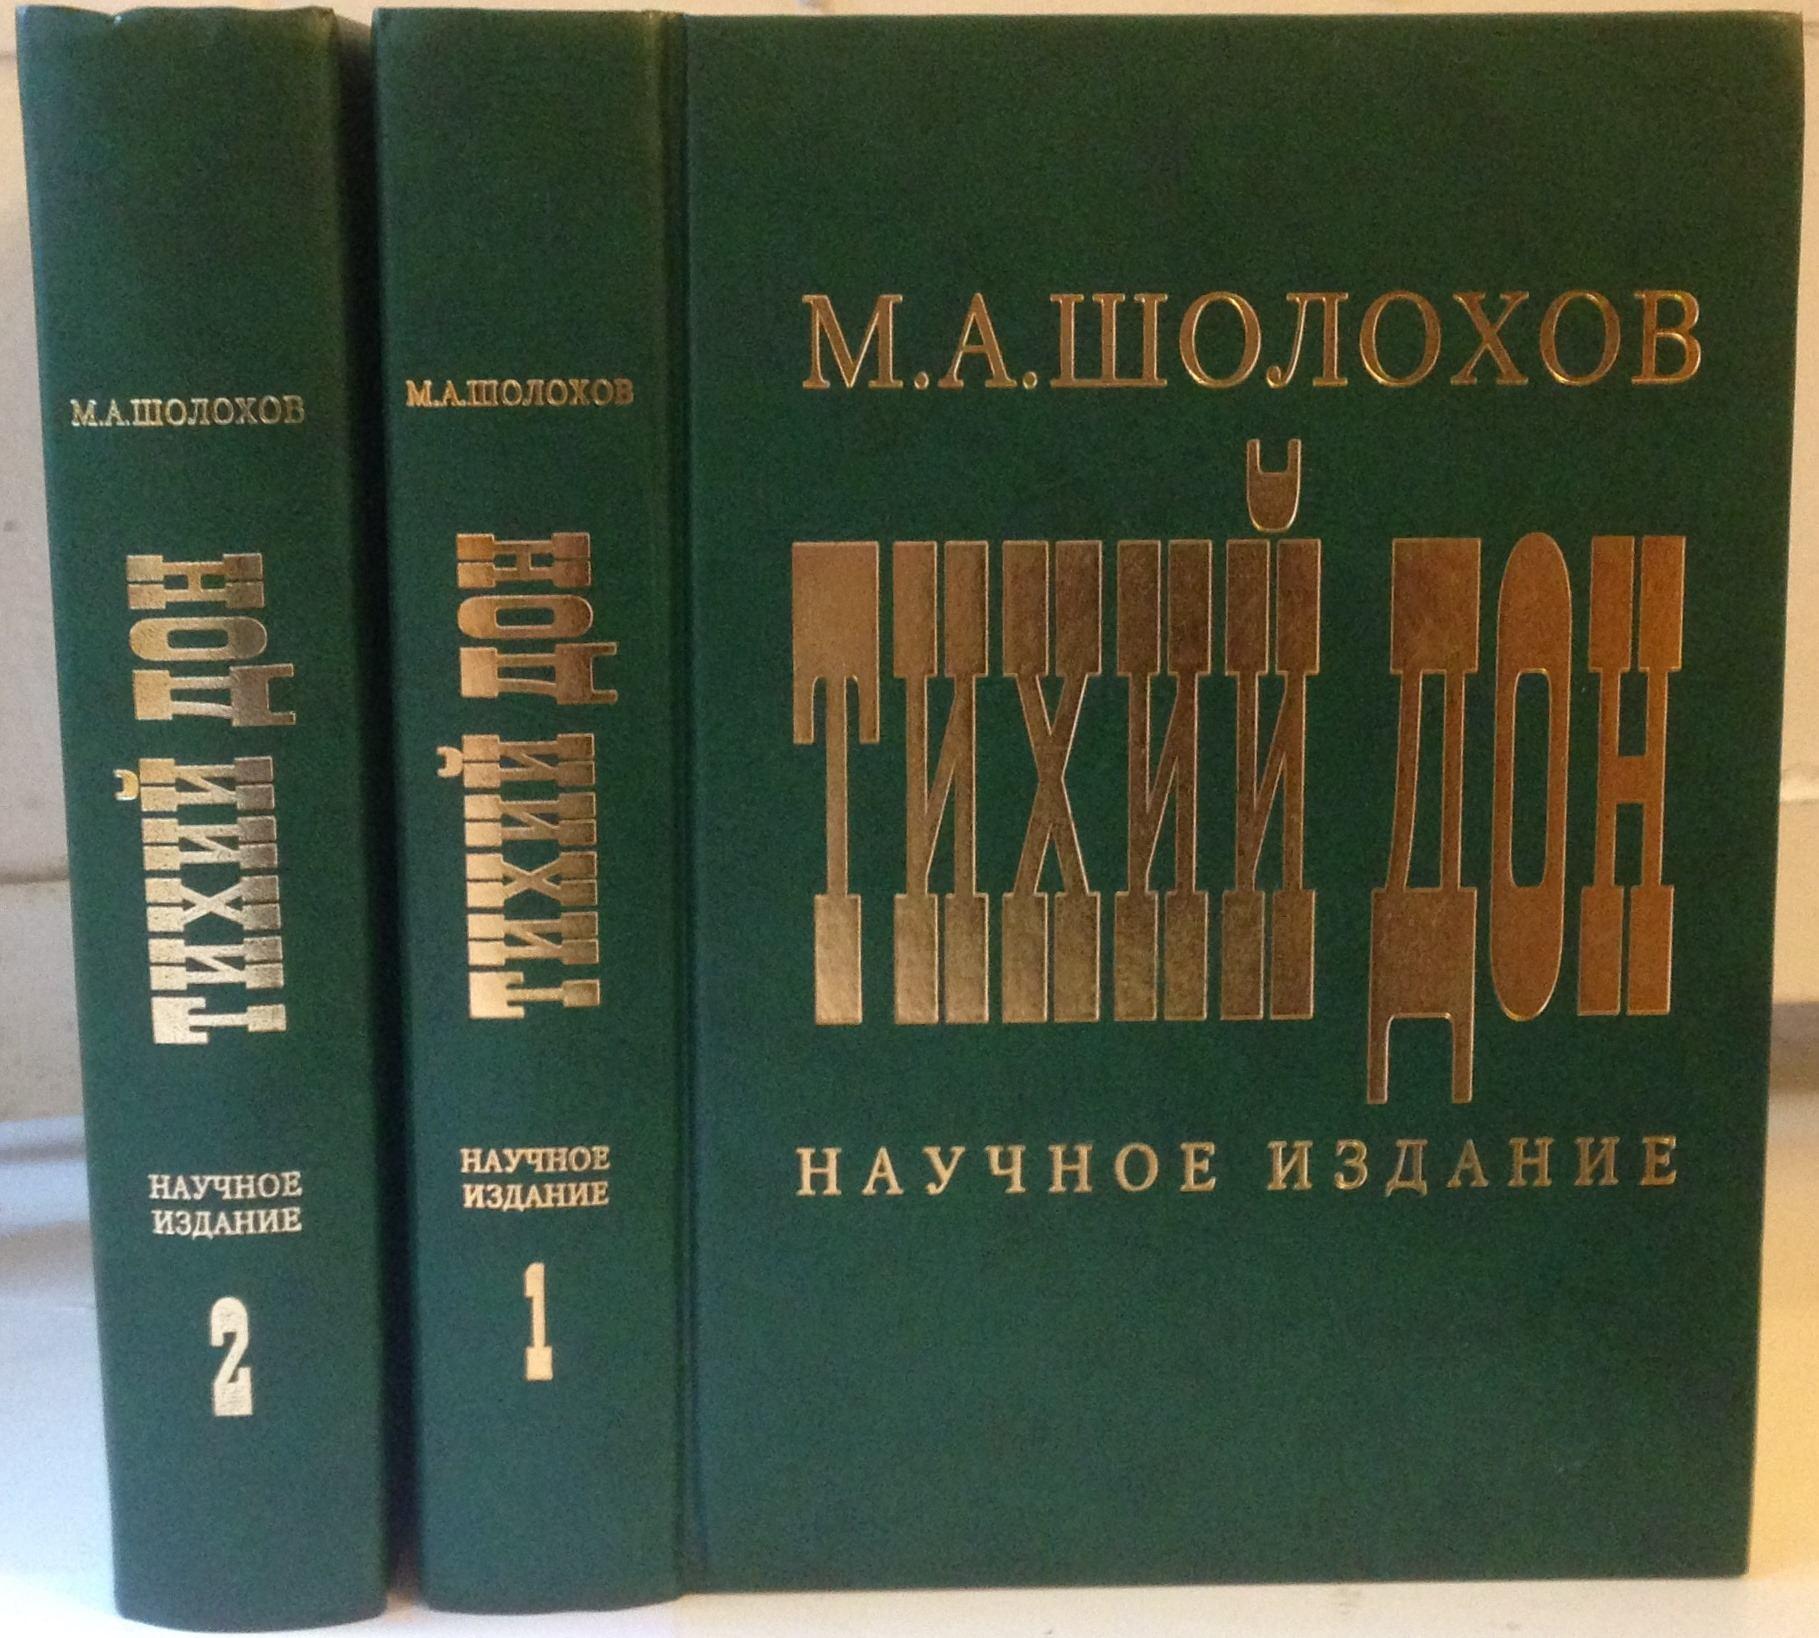 Шолохов М.А. Тихий Дон. Научное издание в 2 т. (2017)